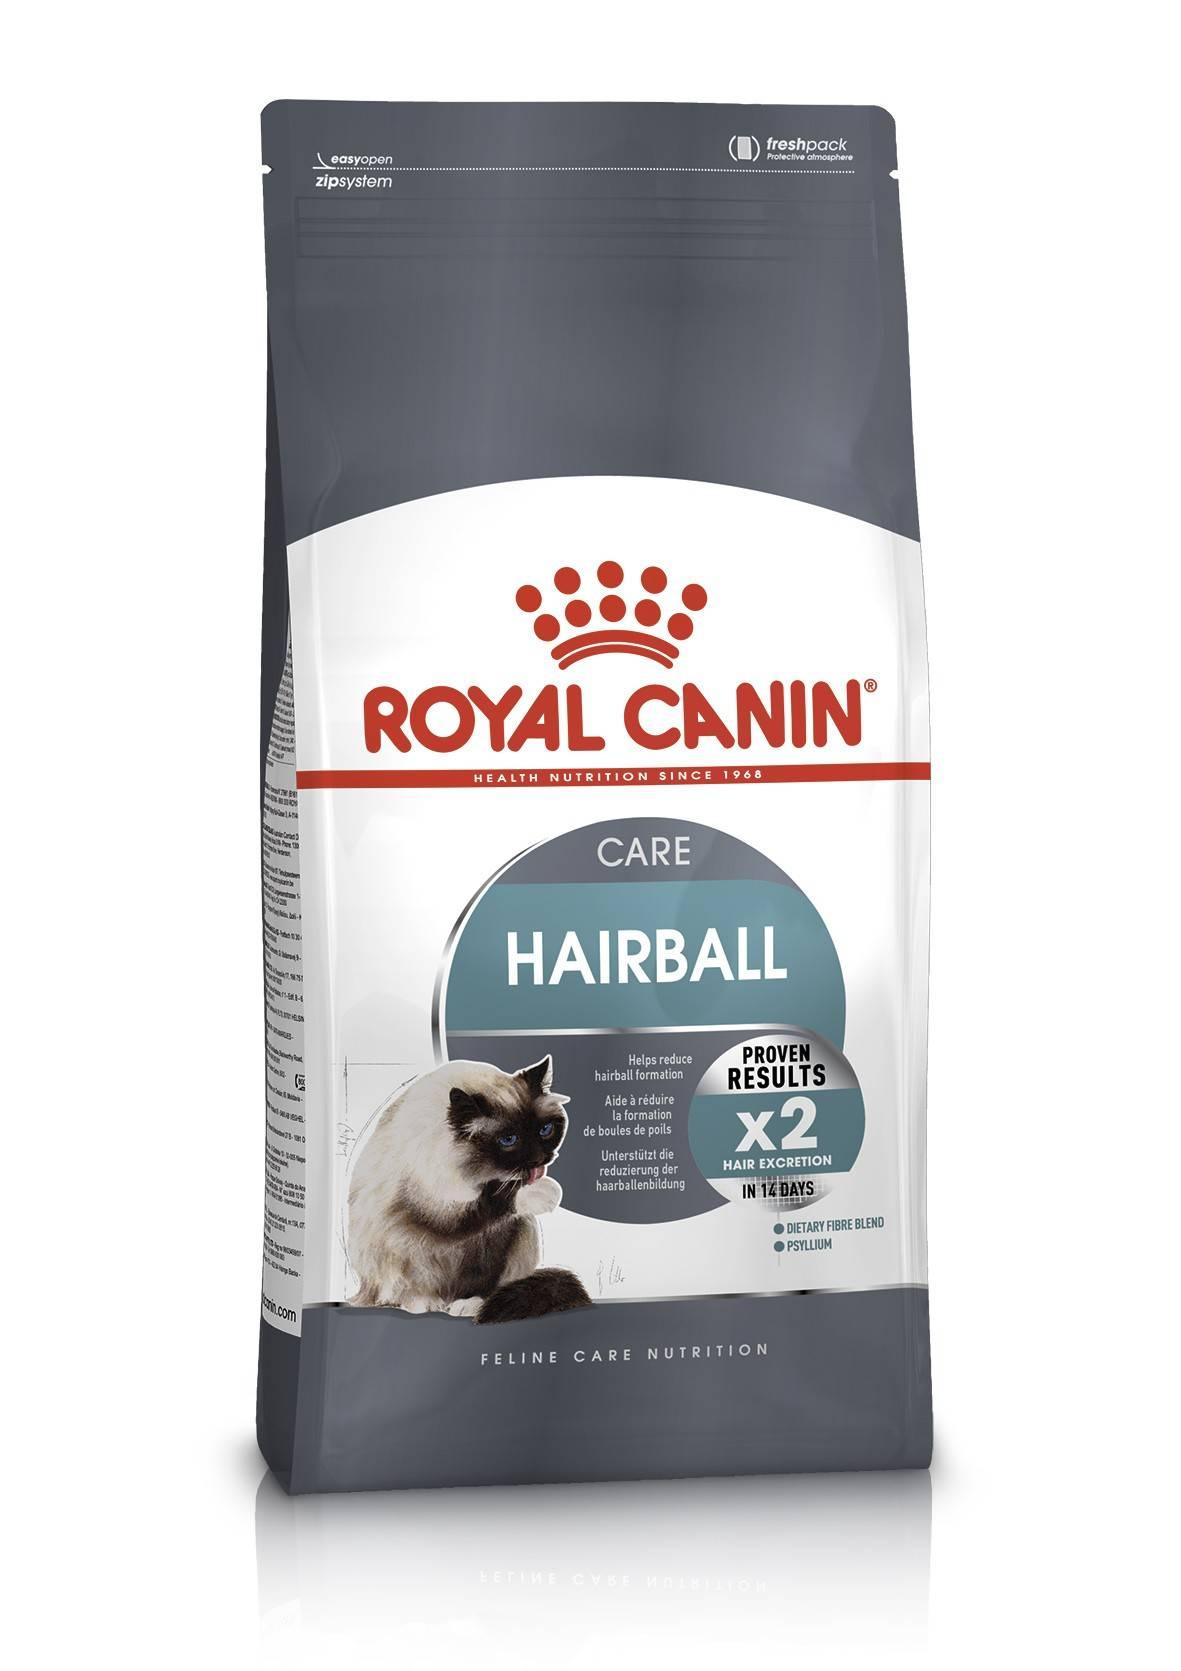 ROYAL CANIN HAIRBALL CARE – сухой корм для взрослых котов для выведения комочков шерсти